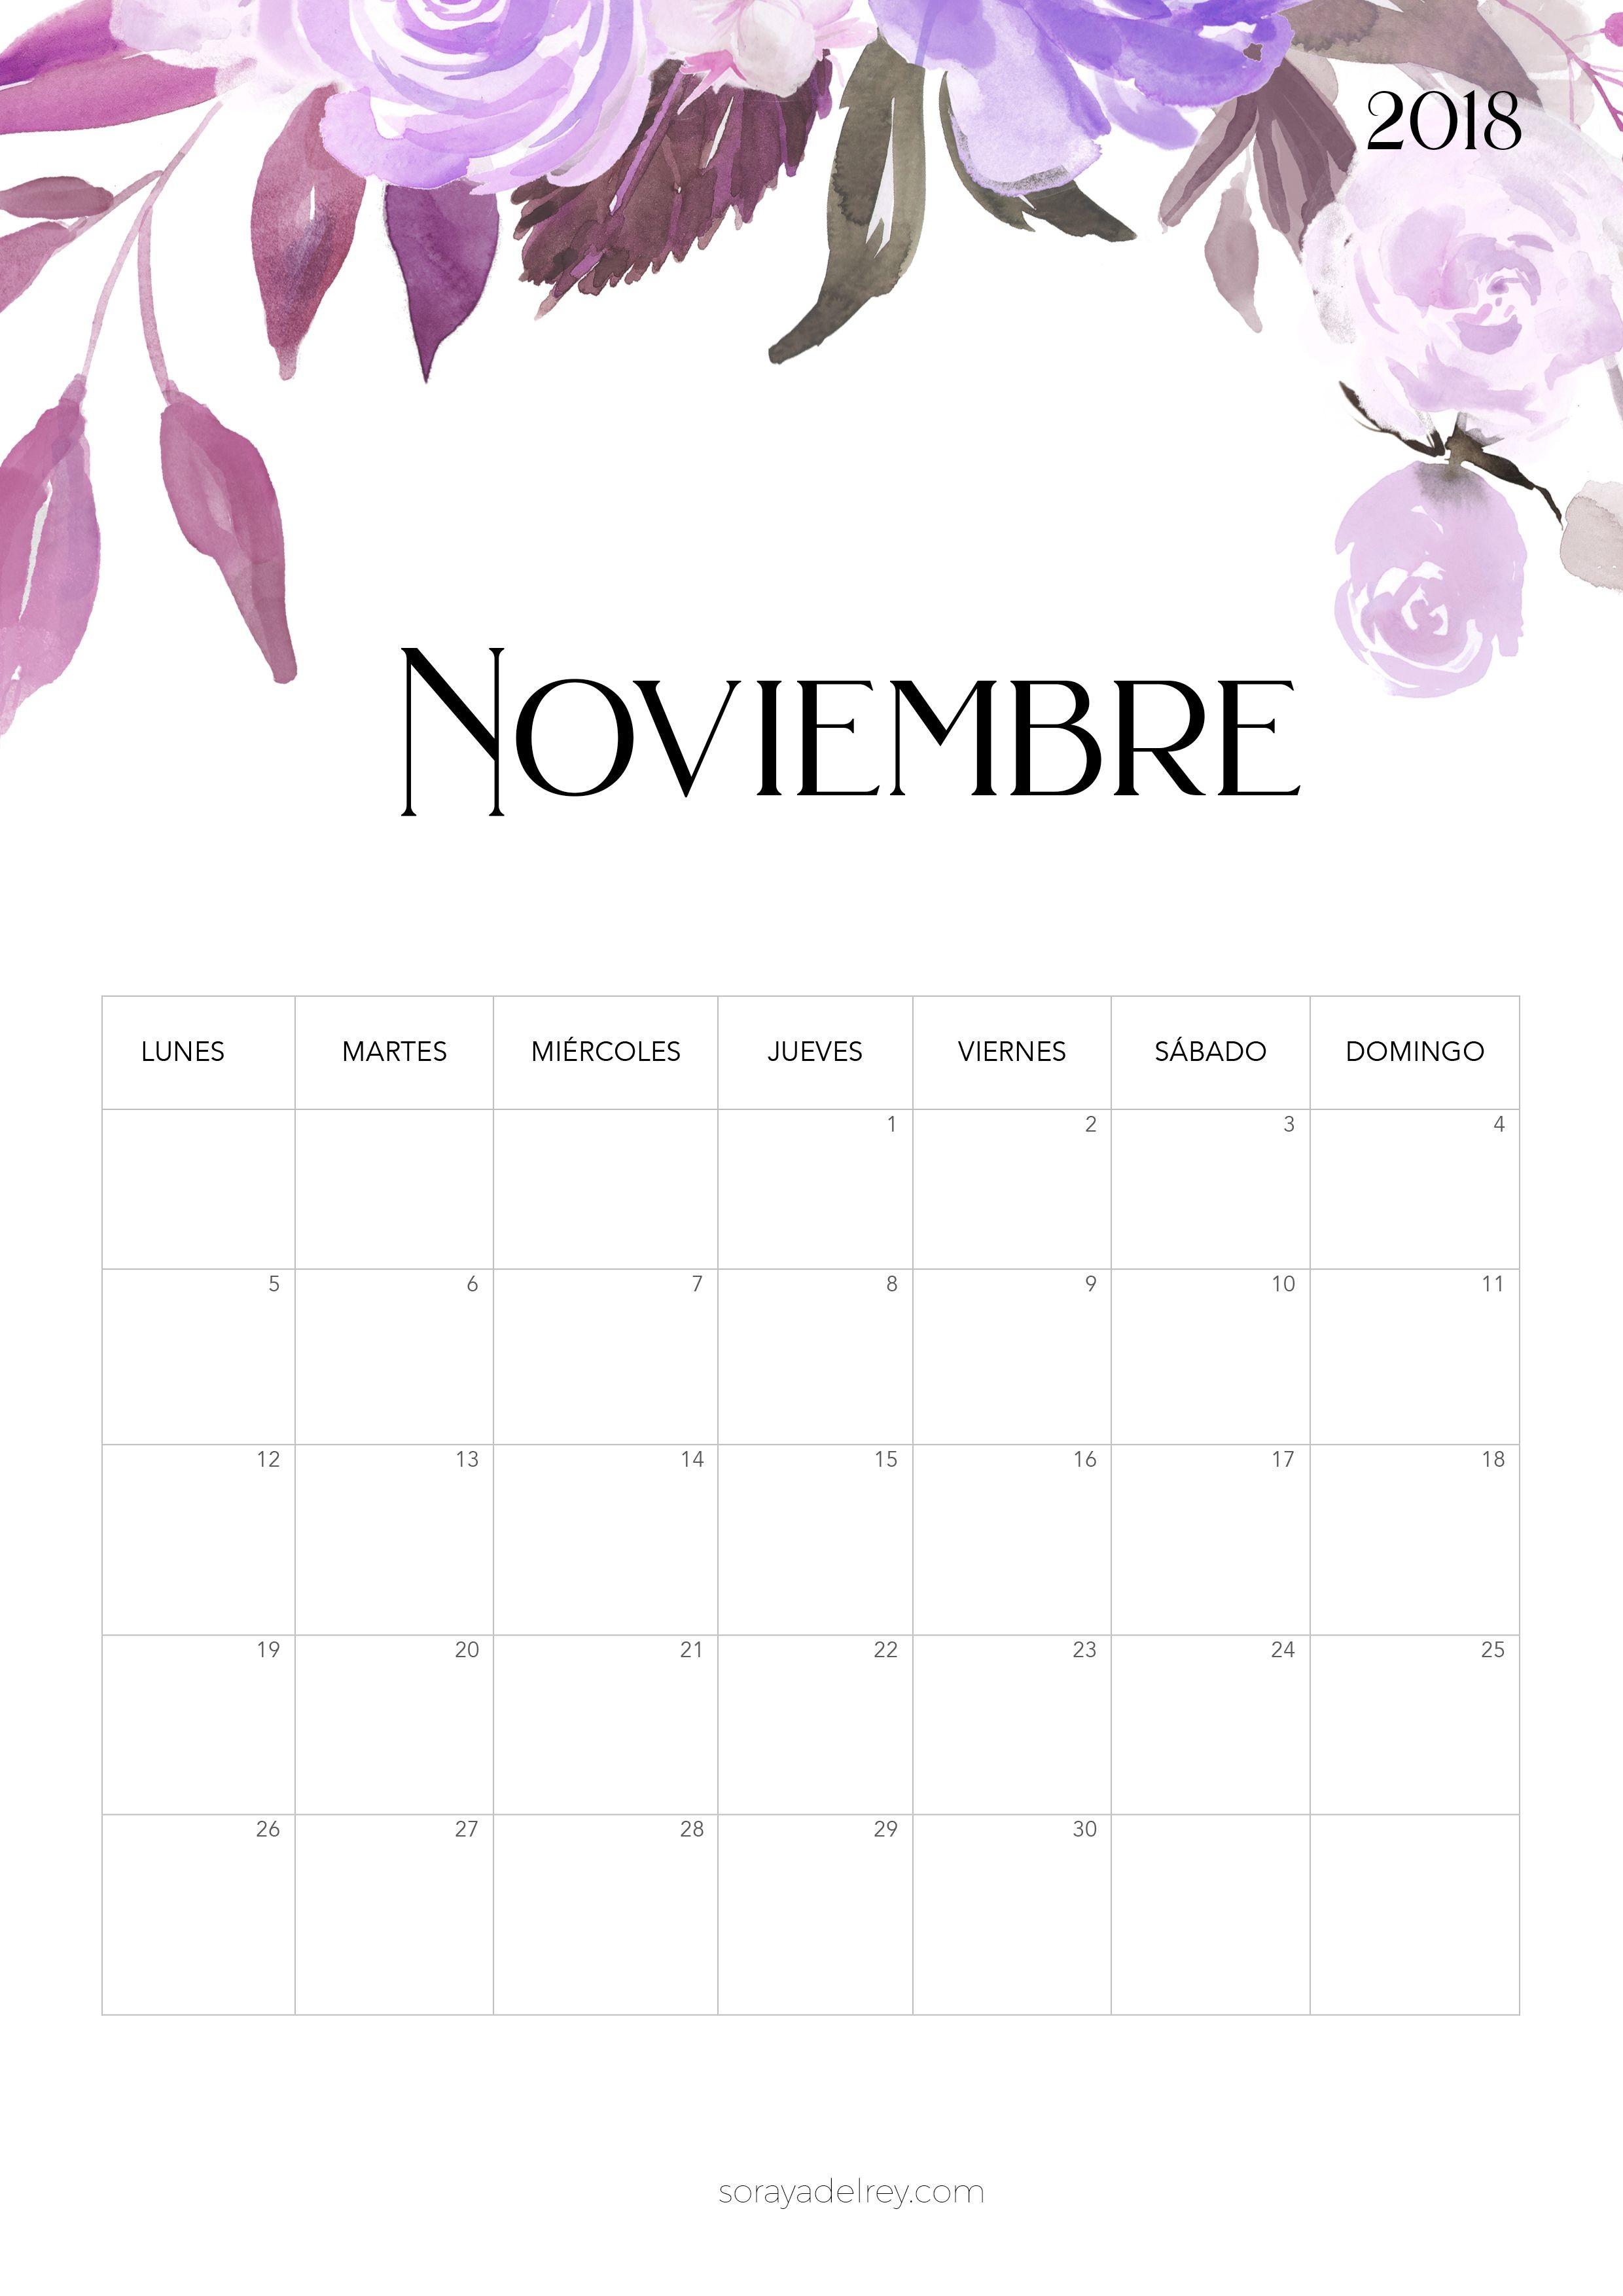 Calendario 2017 En Blanco Para Imprimir Argentina Recientes Calendario Para Imprimir 2018 2019 Ideas Y Regalos Of Calendario 2017 En Blanco Para Imprimir Argentina Más Recientemente Liberado Calendario 2017 Para Imprimir Pdf